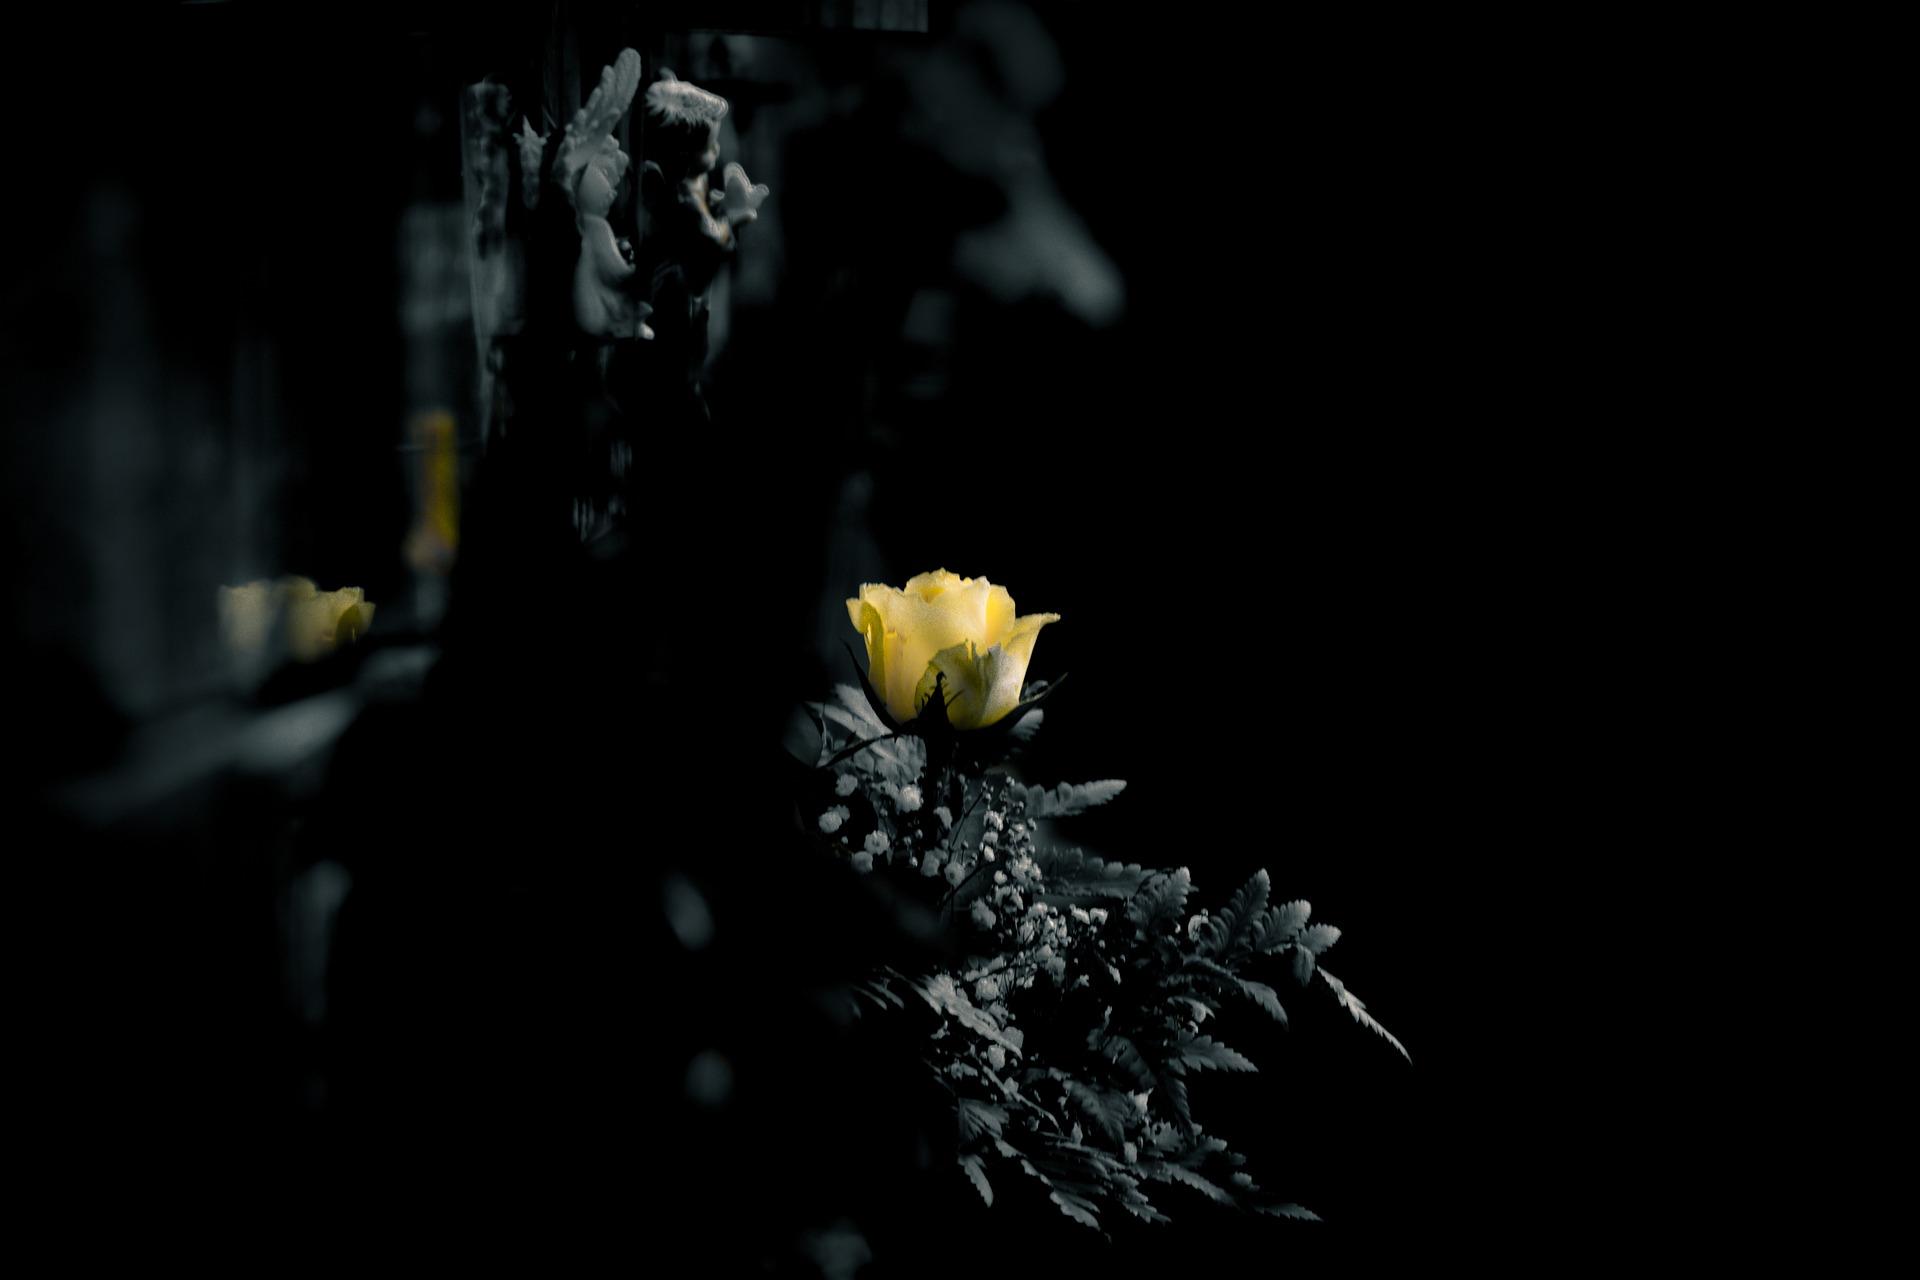 choisir des fleurs d 39 enterrement pour un jeune des obs ques. Black Bedroom Furniture Sets. Home Design Ideas